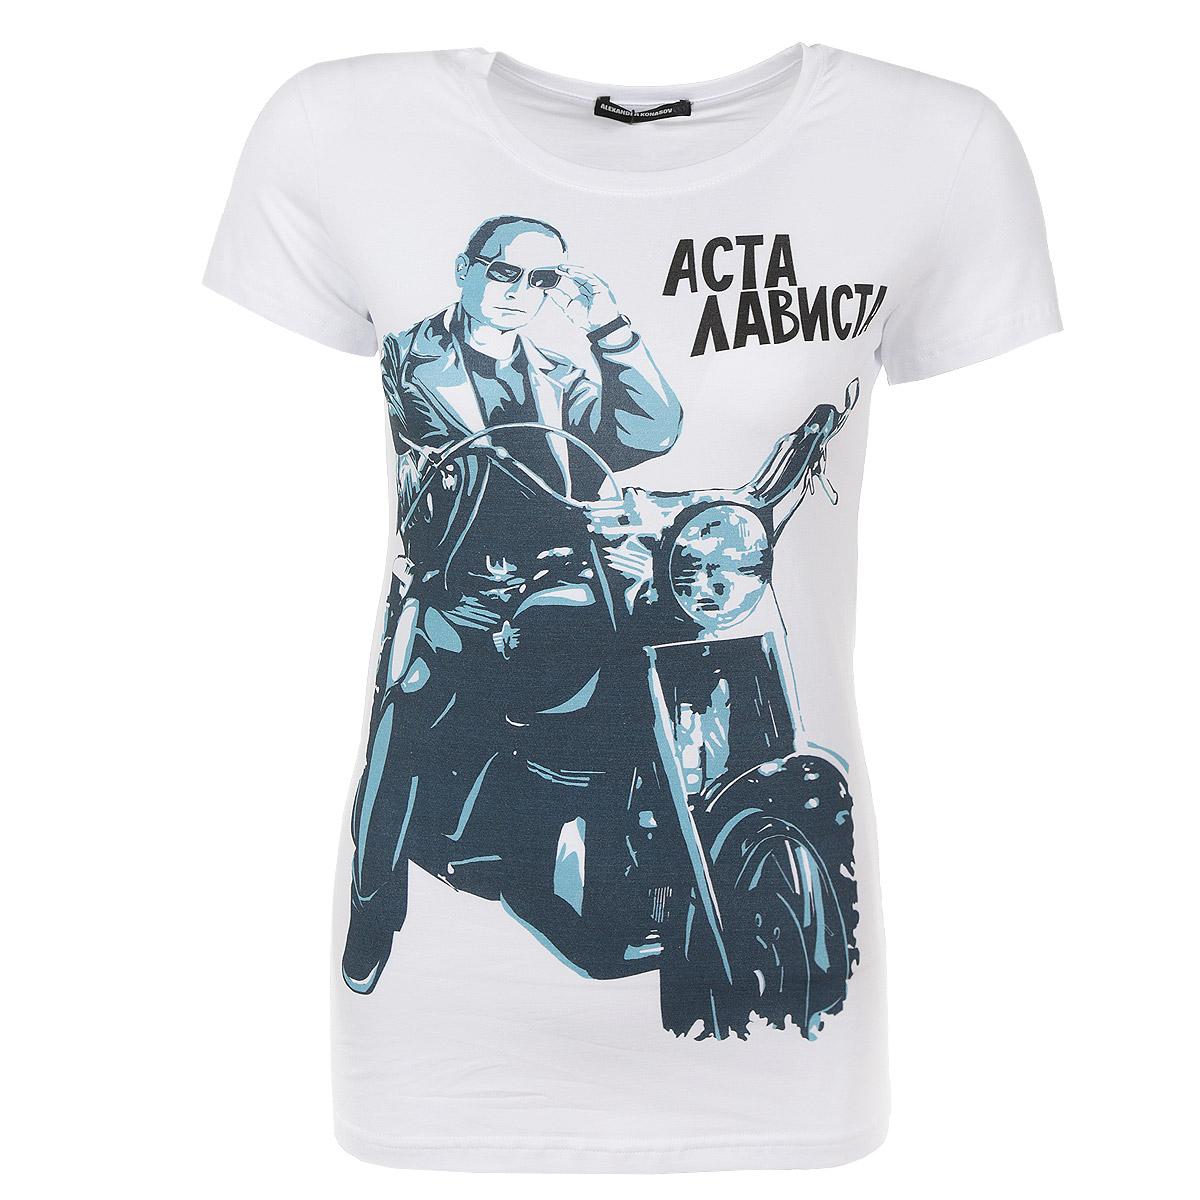 ФутболкаPutin Asta LavistaСтильная женская футболка Alexander Konasov, выполненная из высококачественного мягкого хлопка с небольшим добавлением лайкры, обладает высокой теплопроводностью, воздухопроницаемостью и гигроскопичностью, позволяет коже дышать. Модель с короткими рукавами и круглым вырезом горловины оформлена принтом с изображением Путина на мотоцикле и надписью Аста Лависта. Эта футболка - идеальный вариант для создания эффектного образа. Все изделия бренда Alexander Konasov кроятся только по лекалам из высококачественной ткани, идеально сидят на фигуре, после стирки не деформируются.